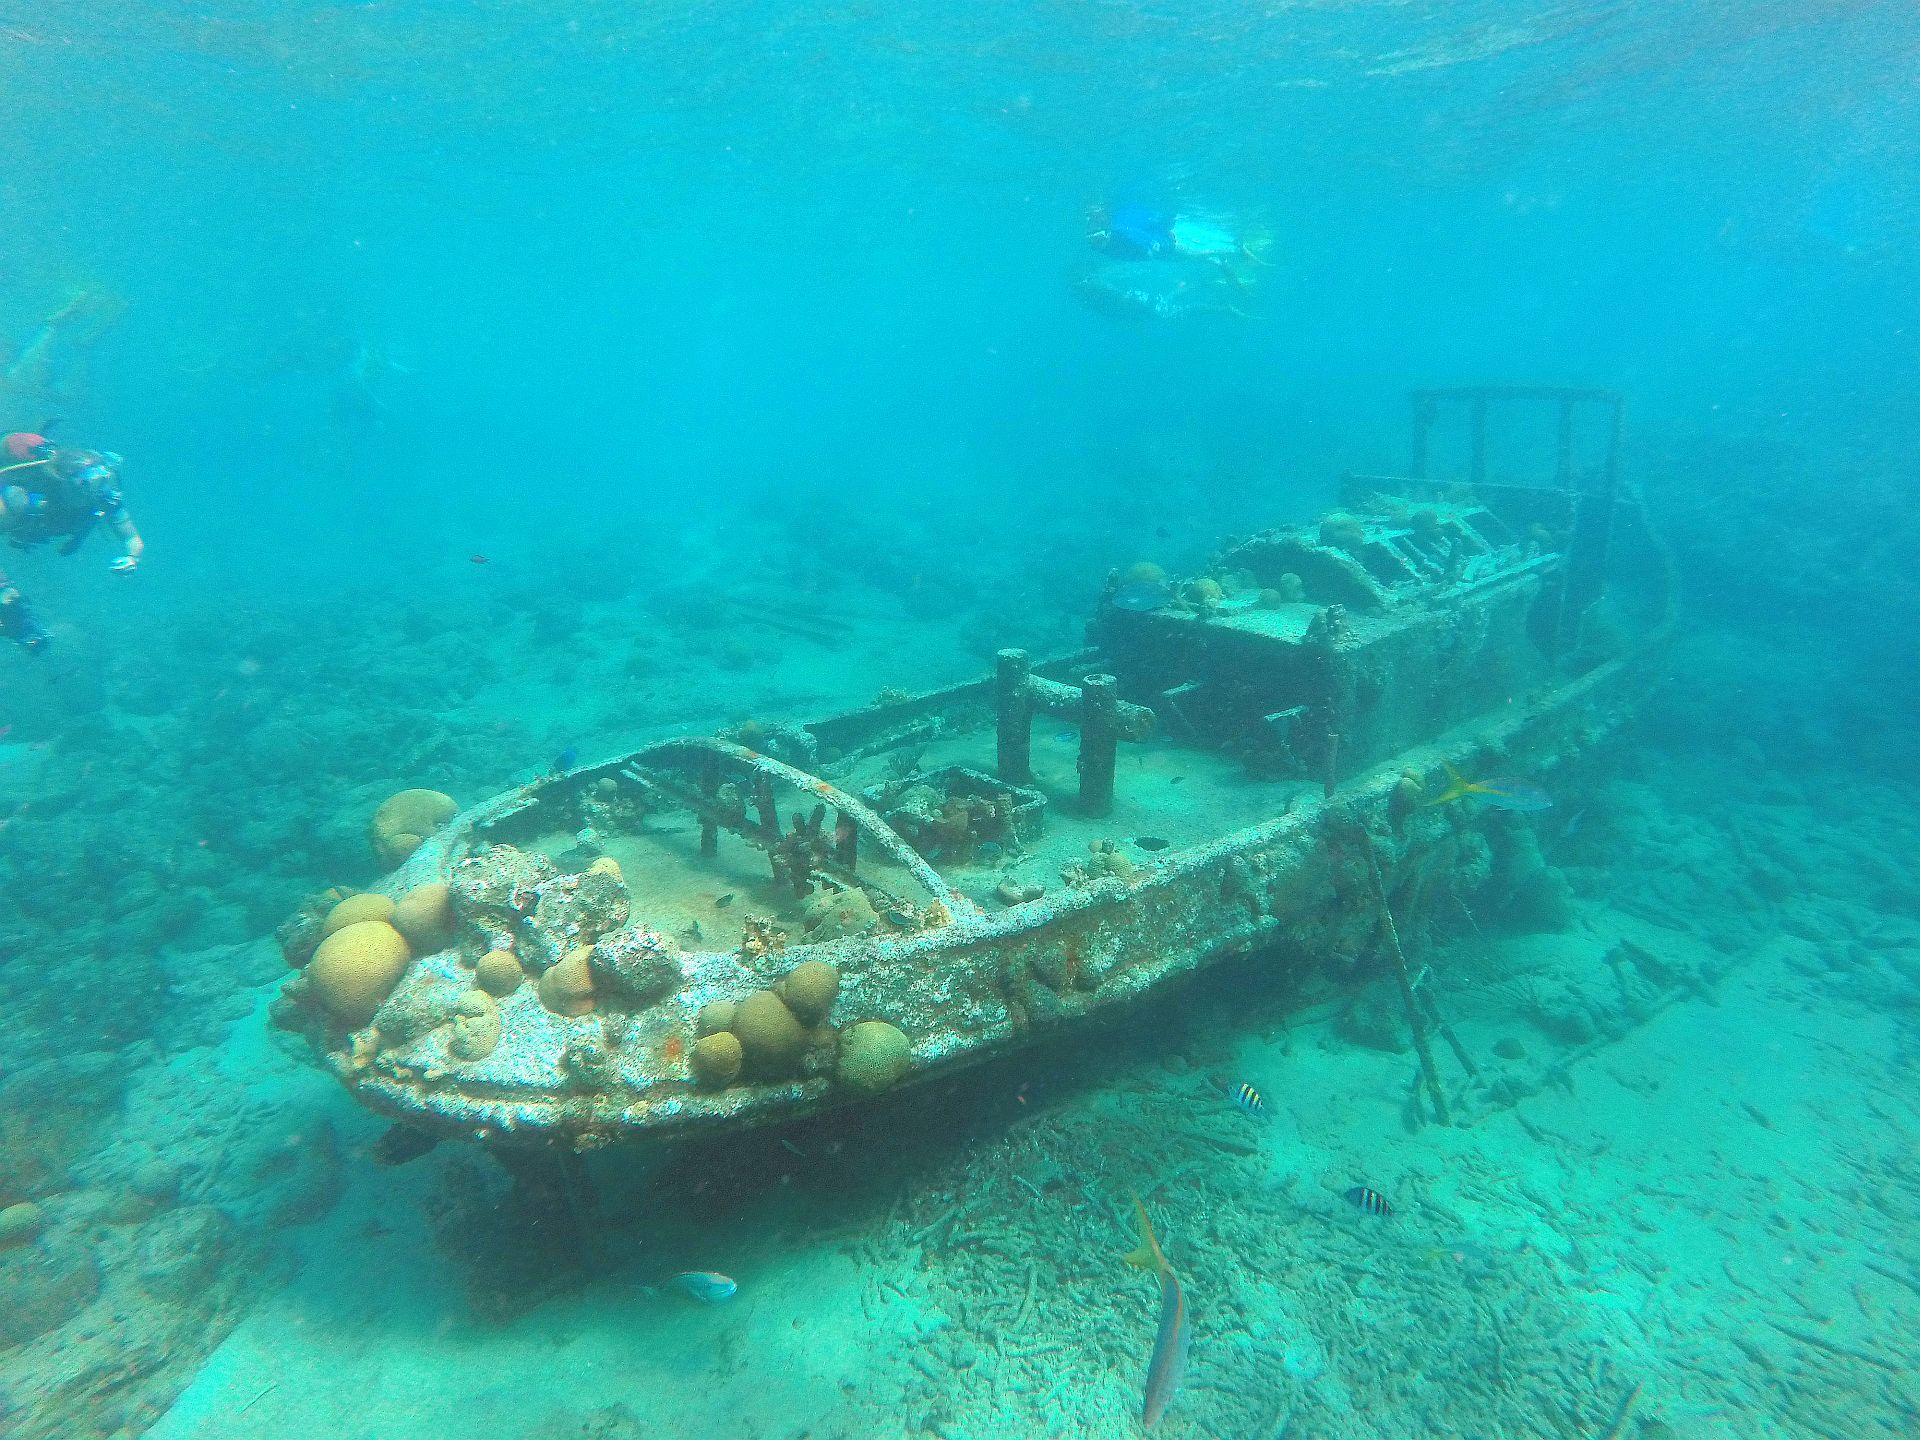 Tugboat, Curacao